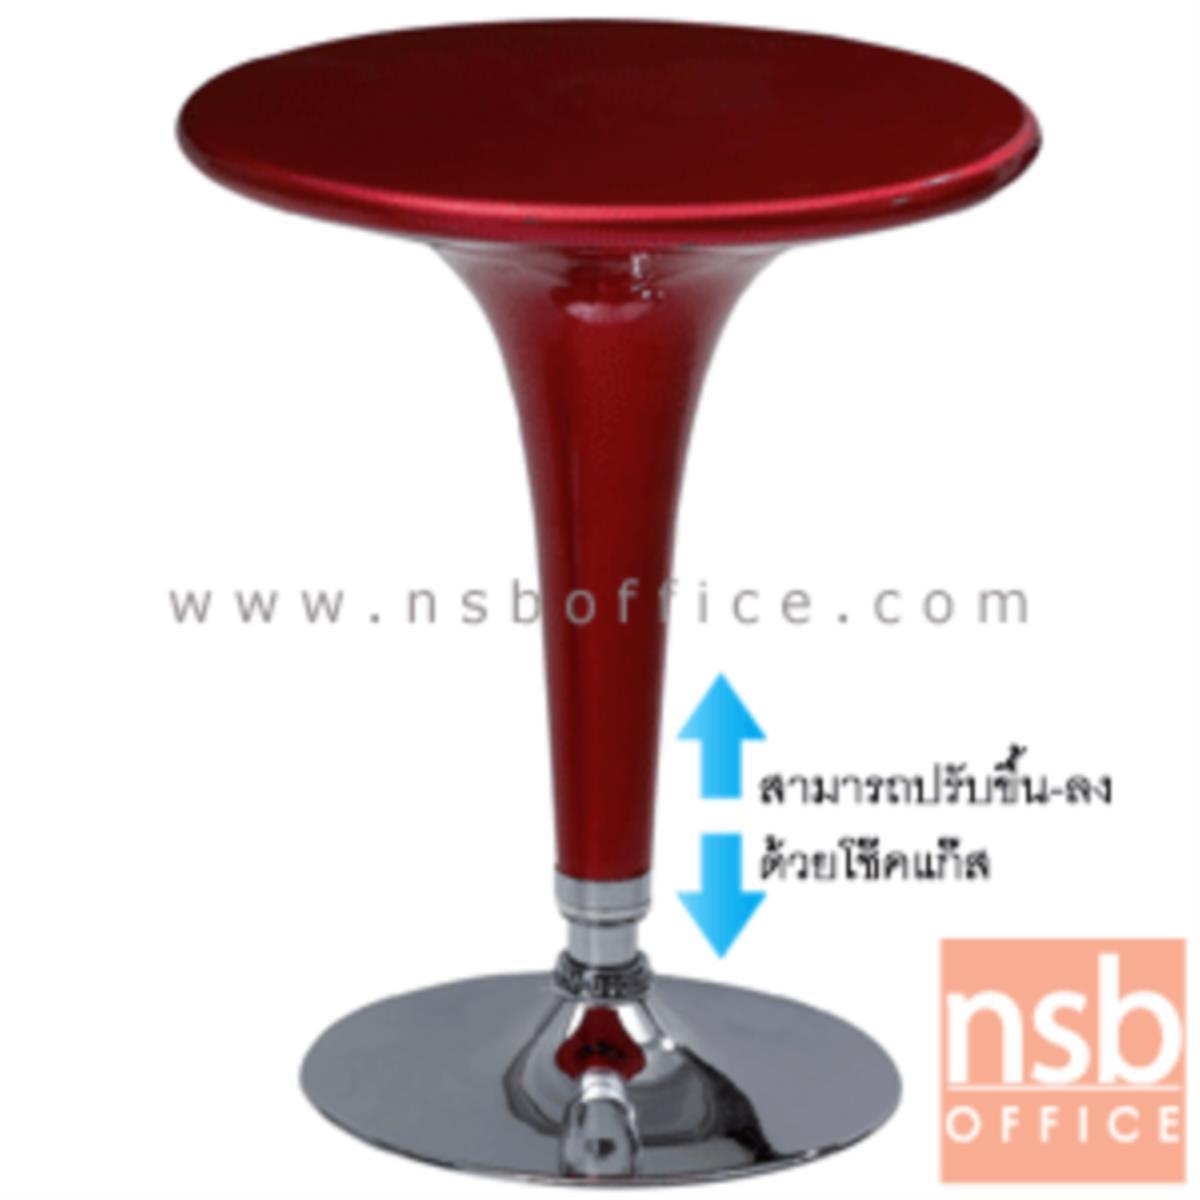 A14A034:โต๊ะหน้าพลาสติกไฟเบอร์ รุ่น Horowitz (โฮโรวิตซ์) ขนาด 60Di cm. ปรับความสูงได้ ขาฐานจานกลมชุบโครเมี่ยม